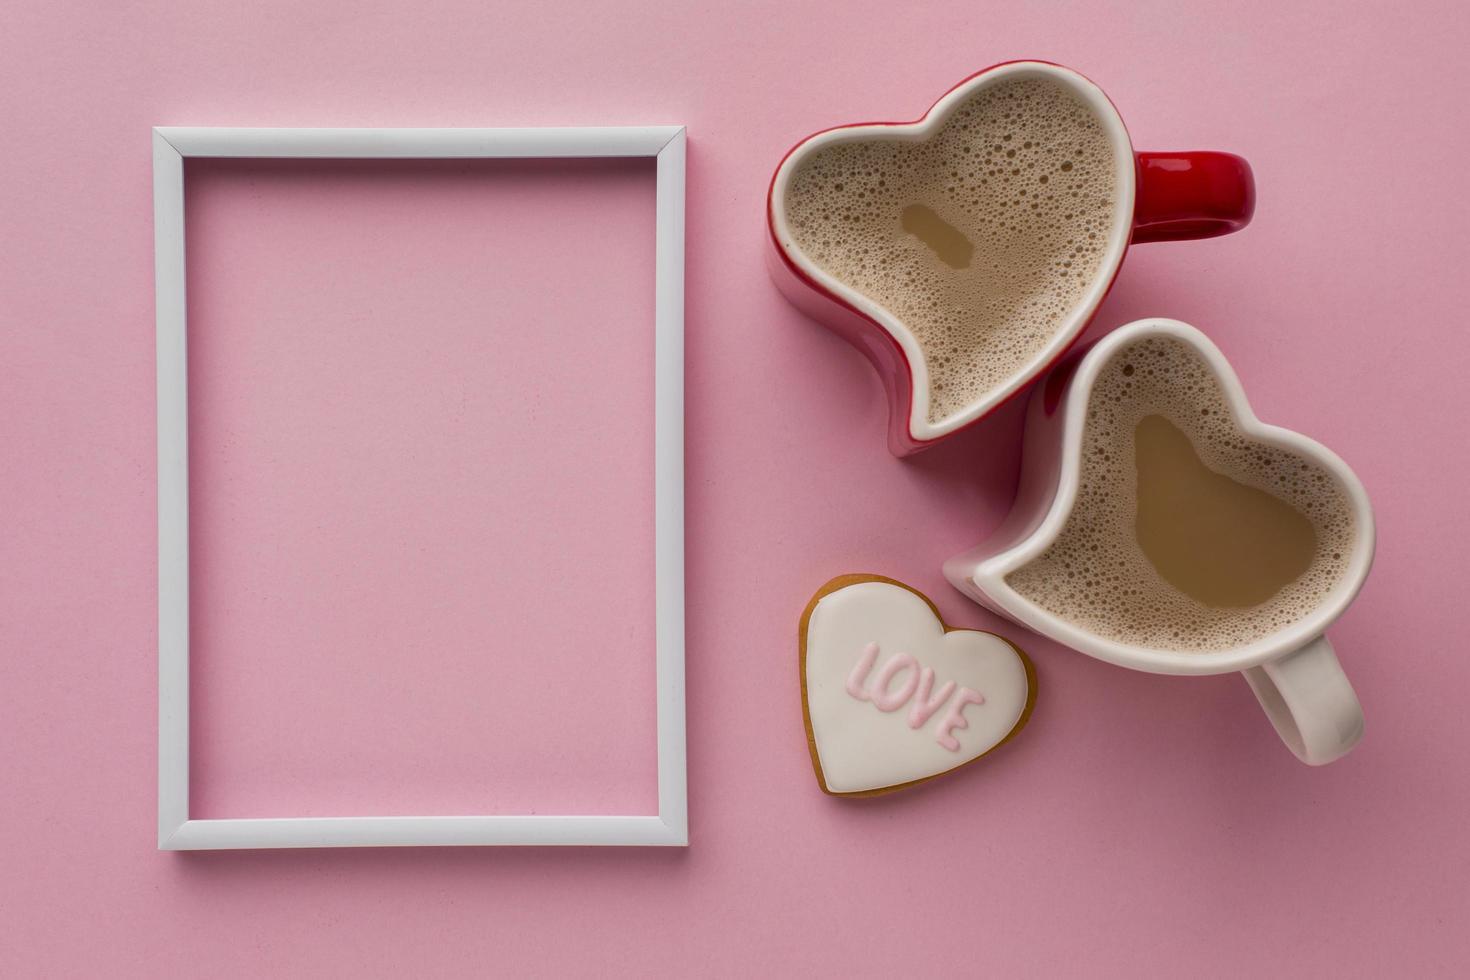 marco de fotos y café en rosa